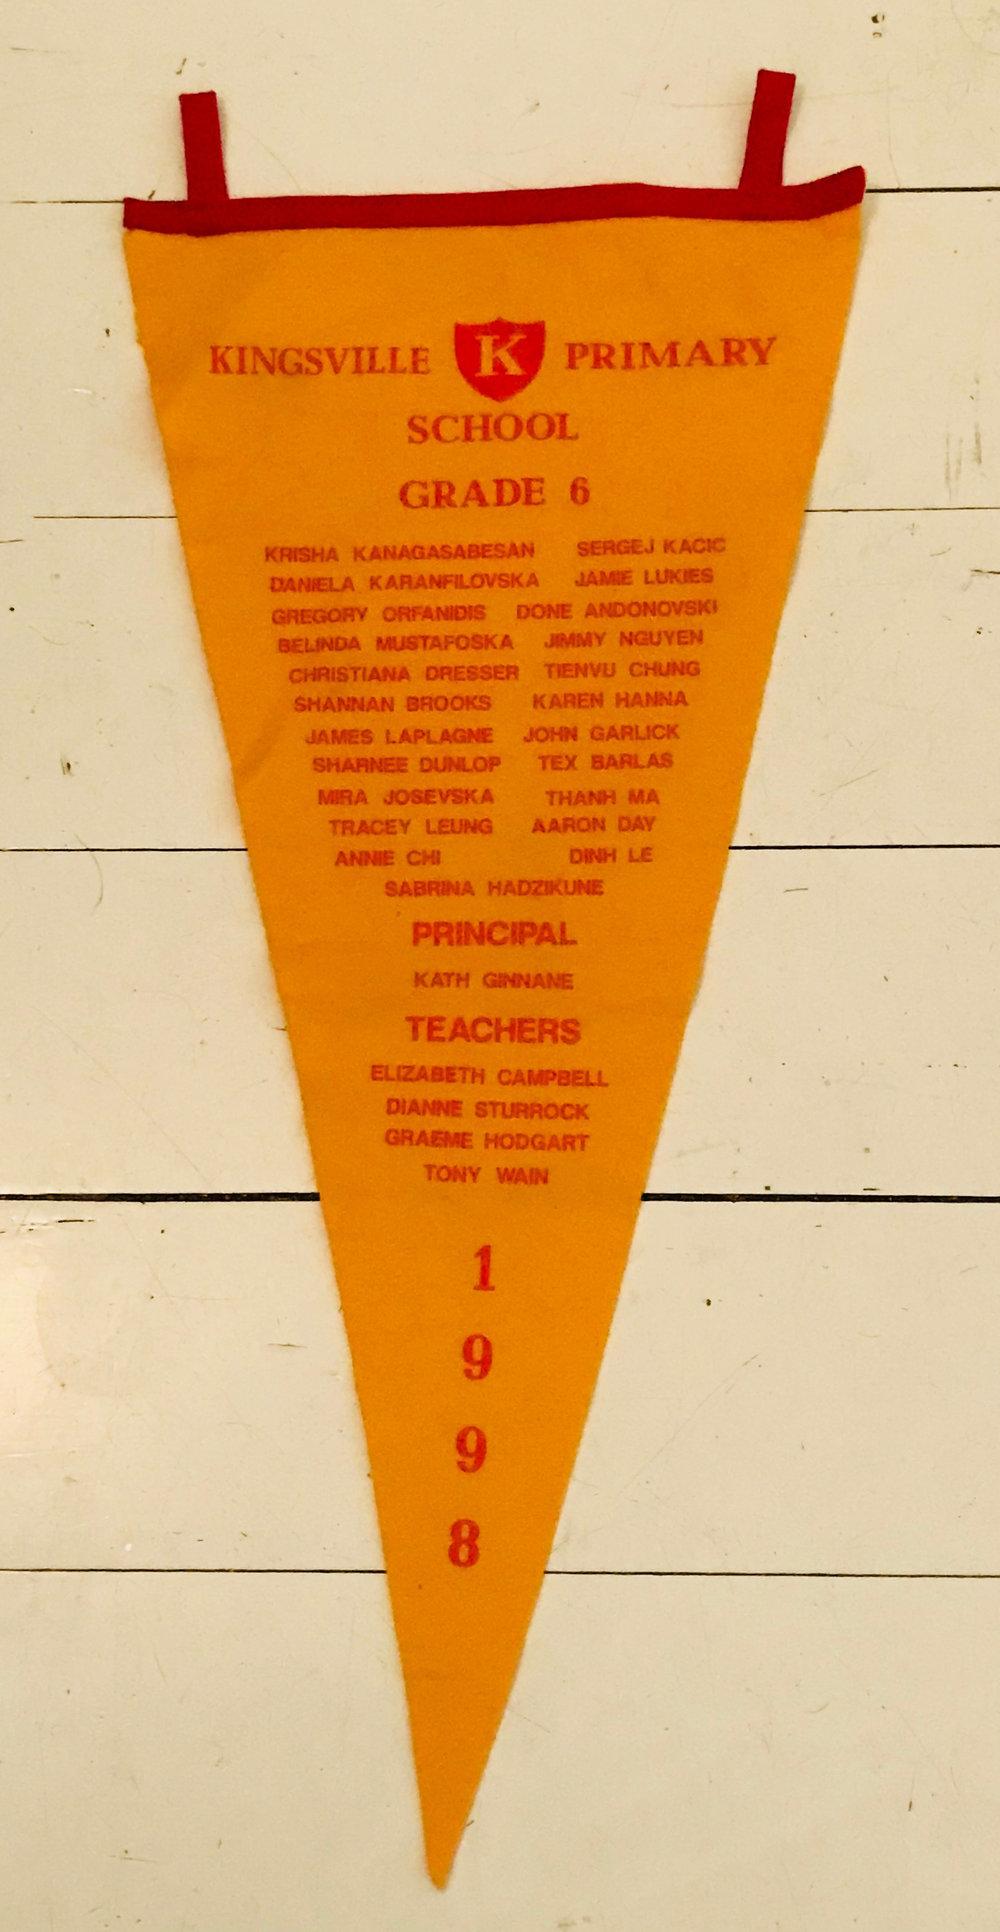 Grade 6 ceremonial flag